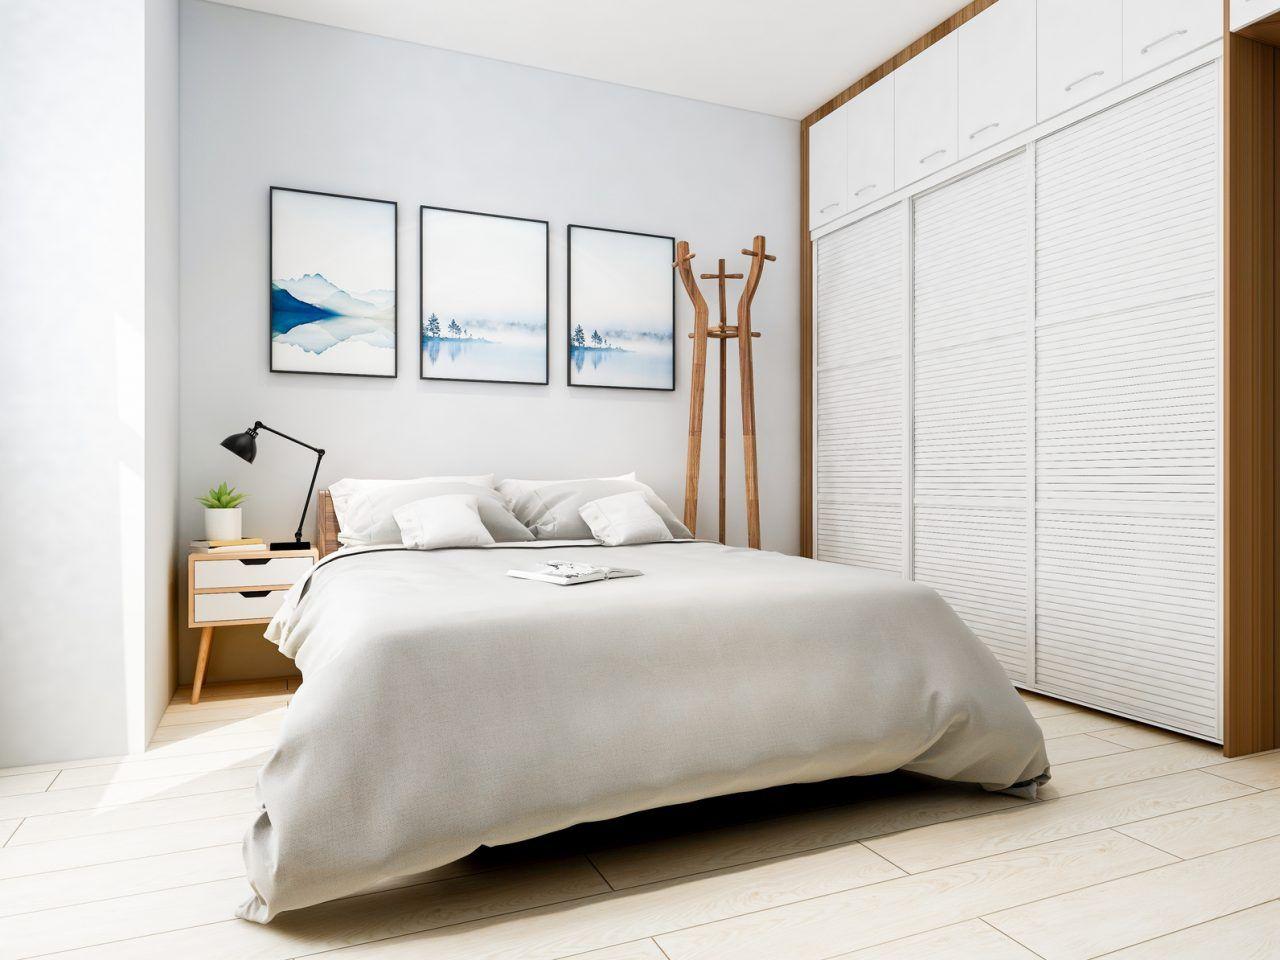 Mała Sypialnia Duży Efekt Jak Sprytnie Urządzić